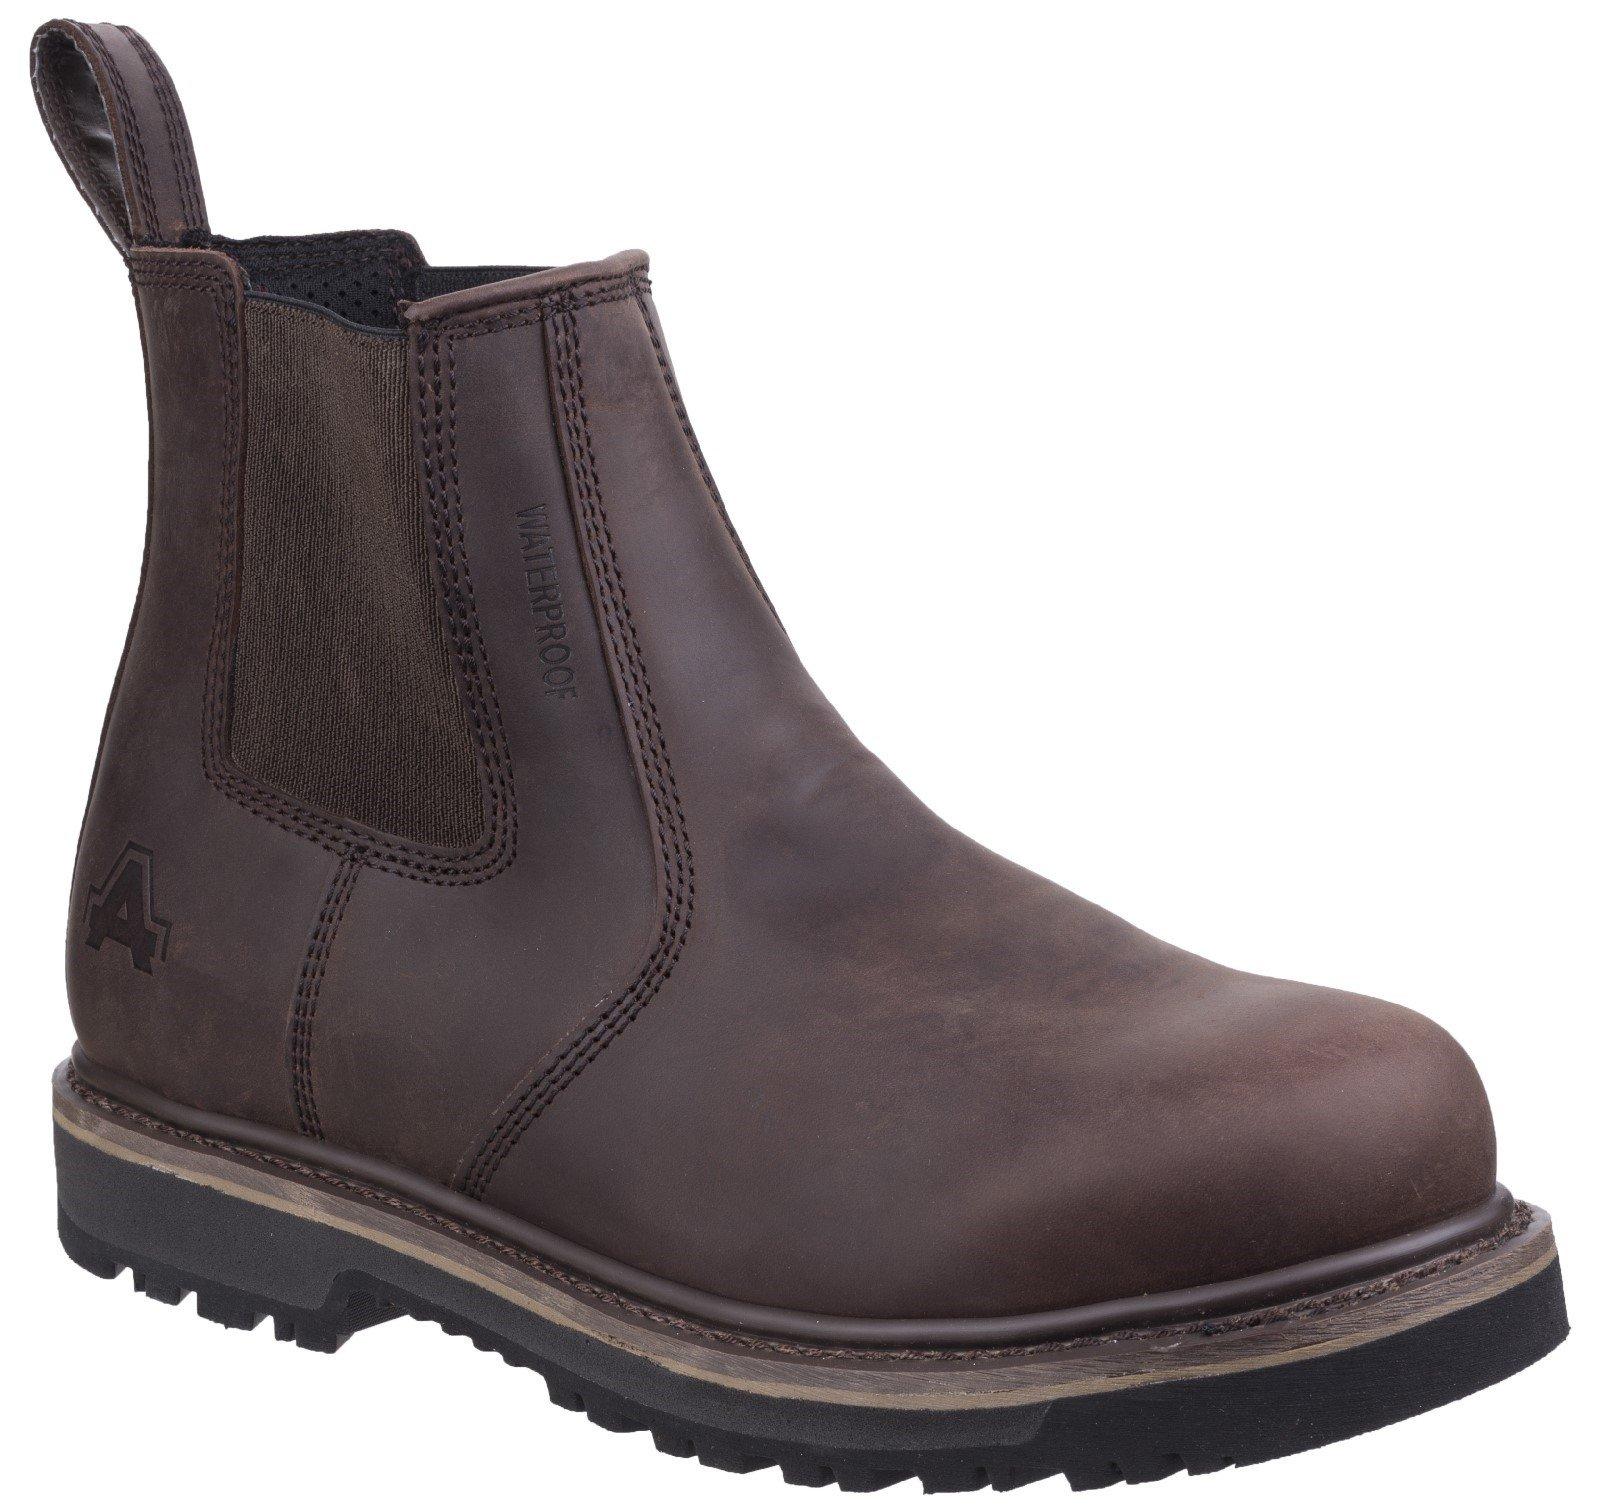 Amblers Men's Carlisle Dealer Boot Brown 27120-45558 - Brown 6